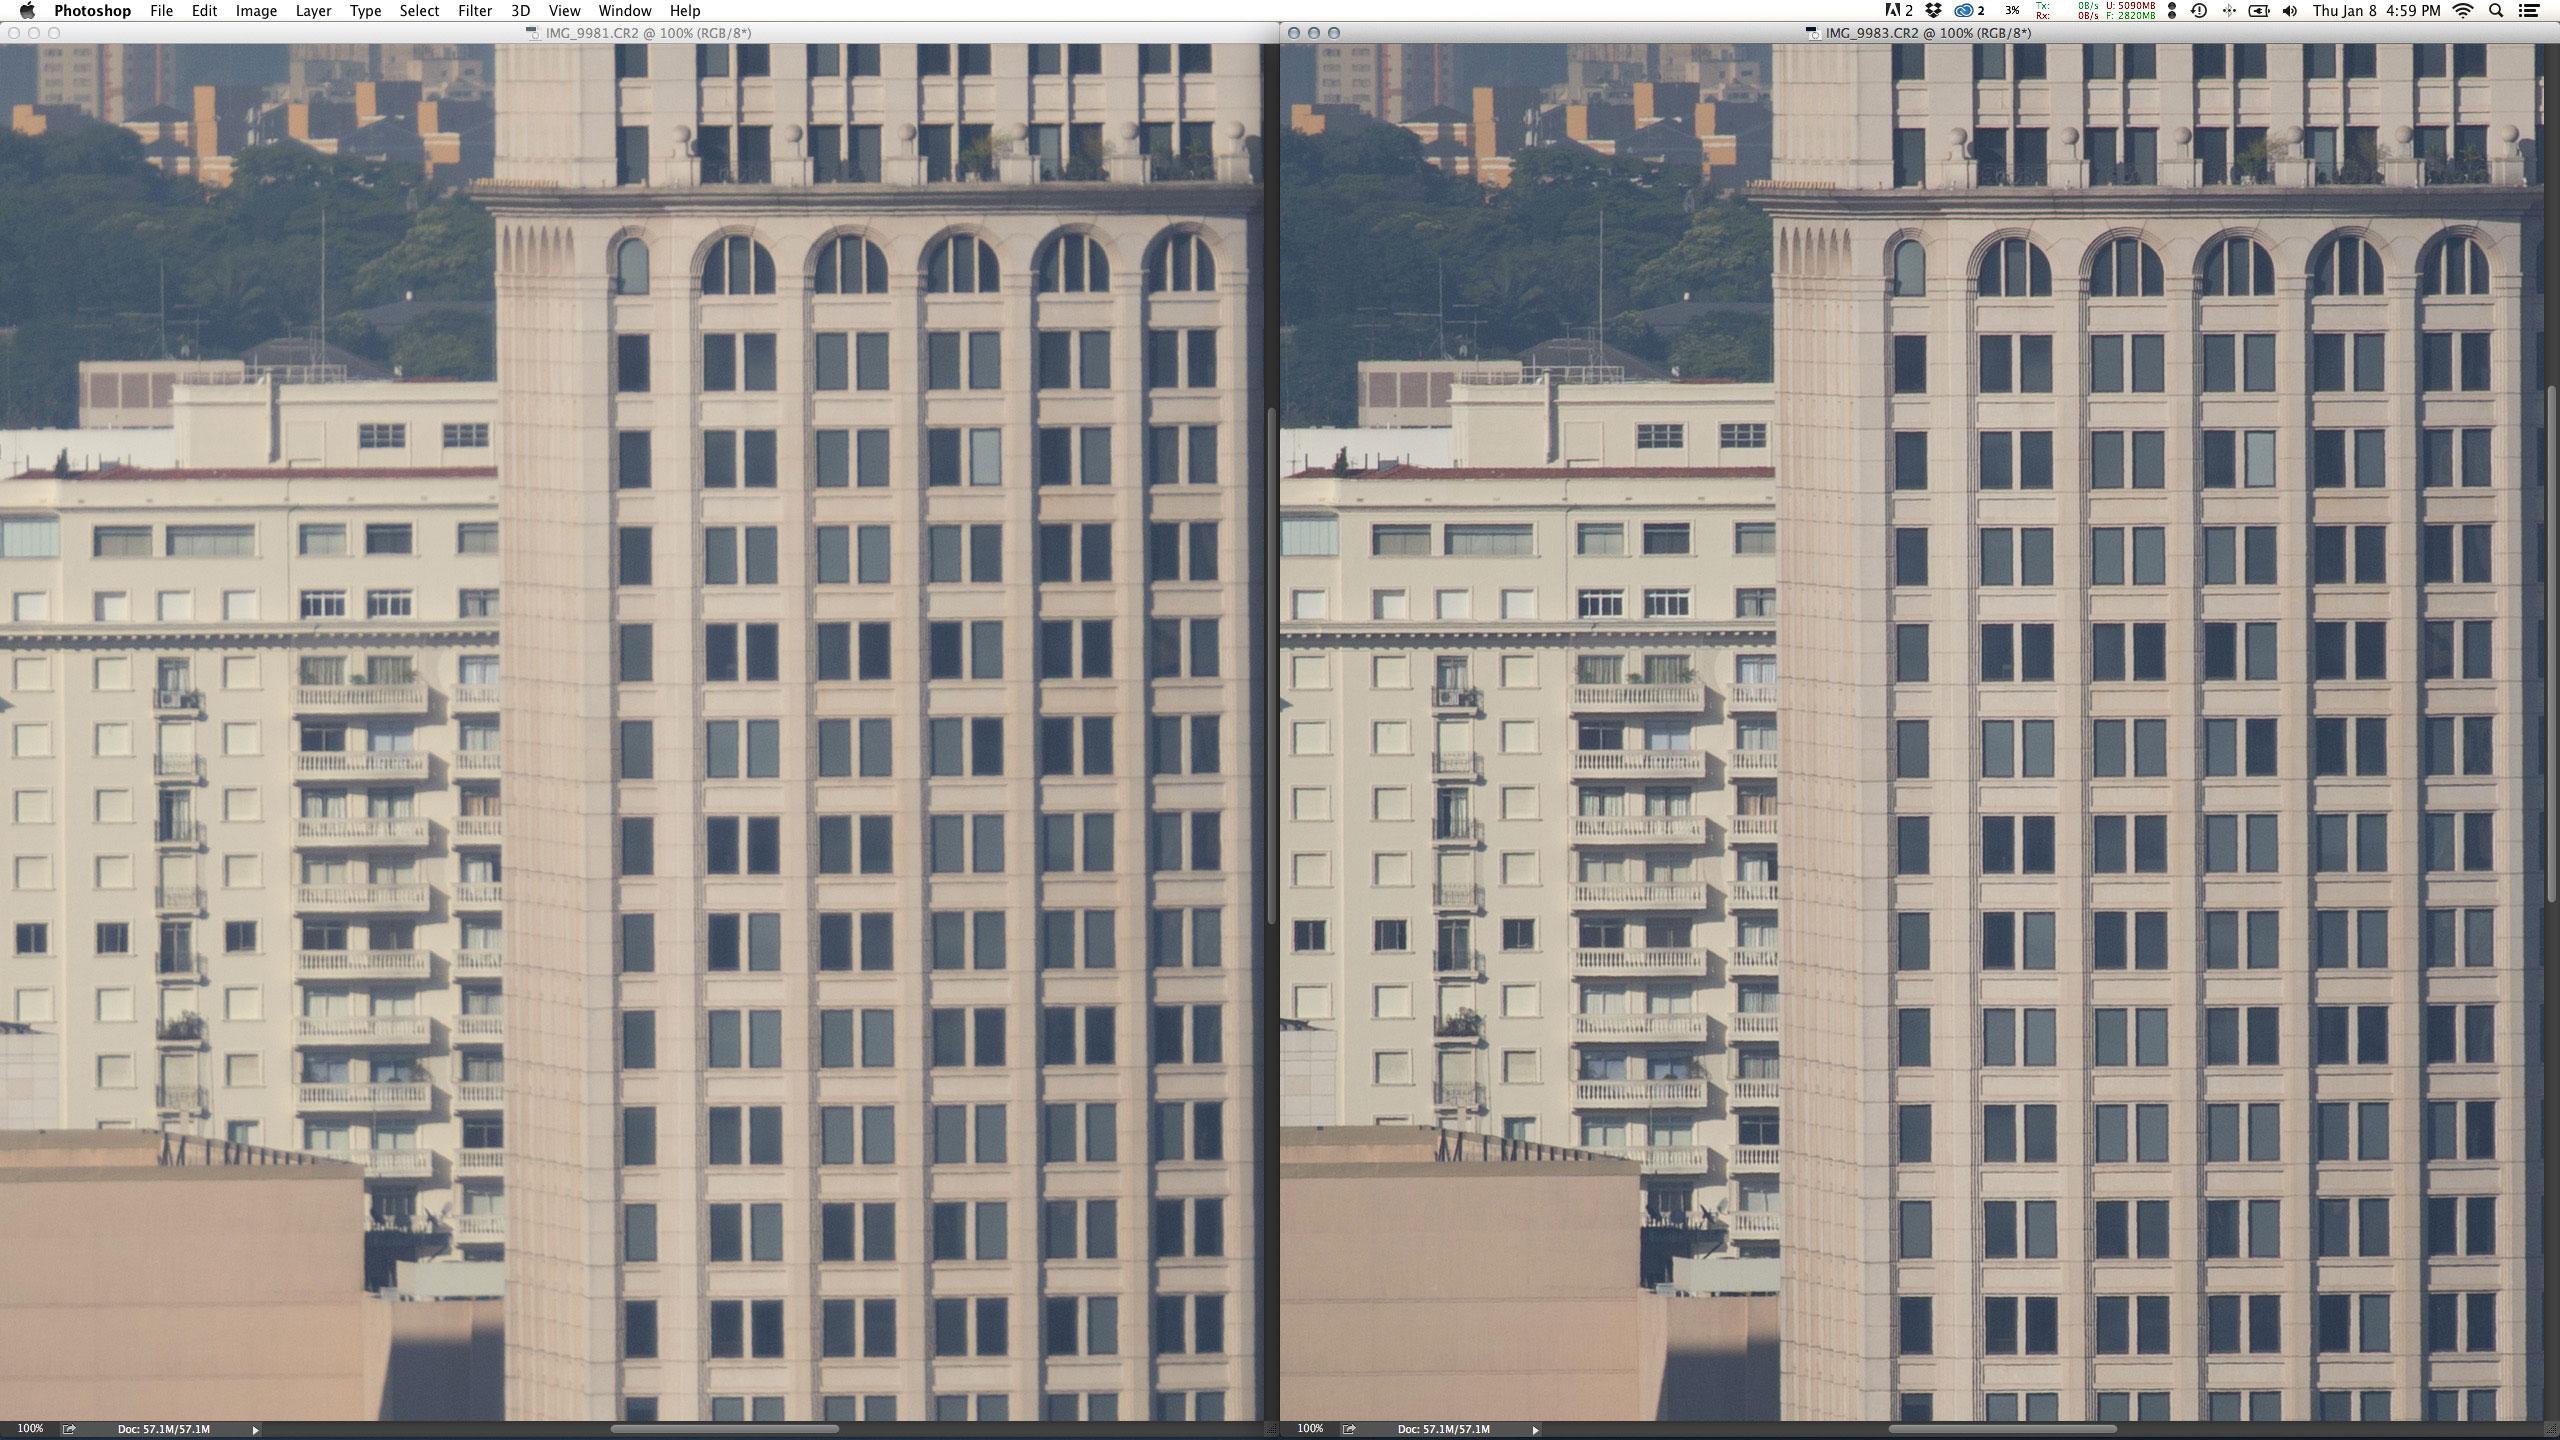 Esquerda: EF 200mm f/2L IS USM + Extender 2X III em f/4 1/3000 ISO200 @ 400mm. Direita: EF 100-400mm f/4.5-5.6L IS USM em f/5.6 1/1500 ISO200 @ 400mm. Em abertura máxima, a zoom com 400mm nativos é muito superior a top prime convertida.